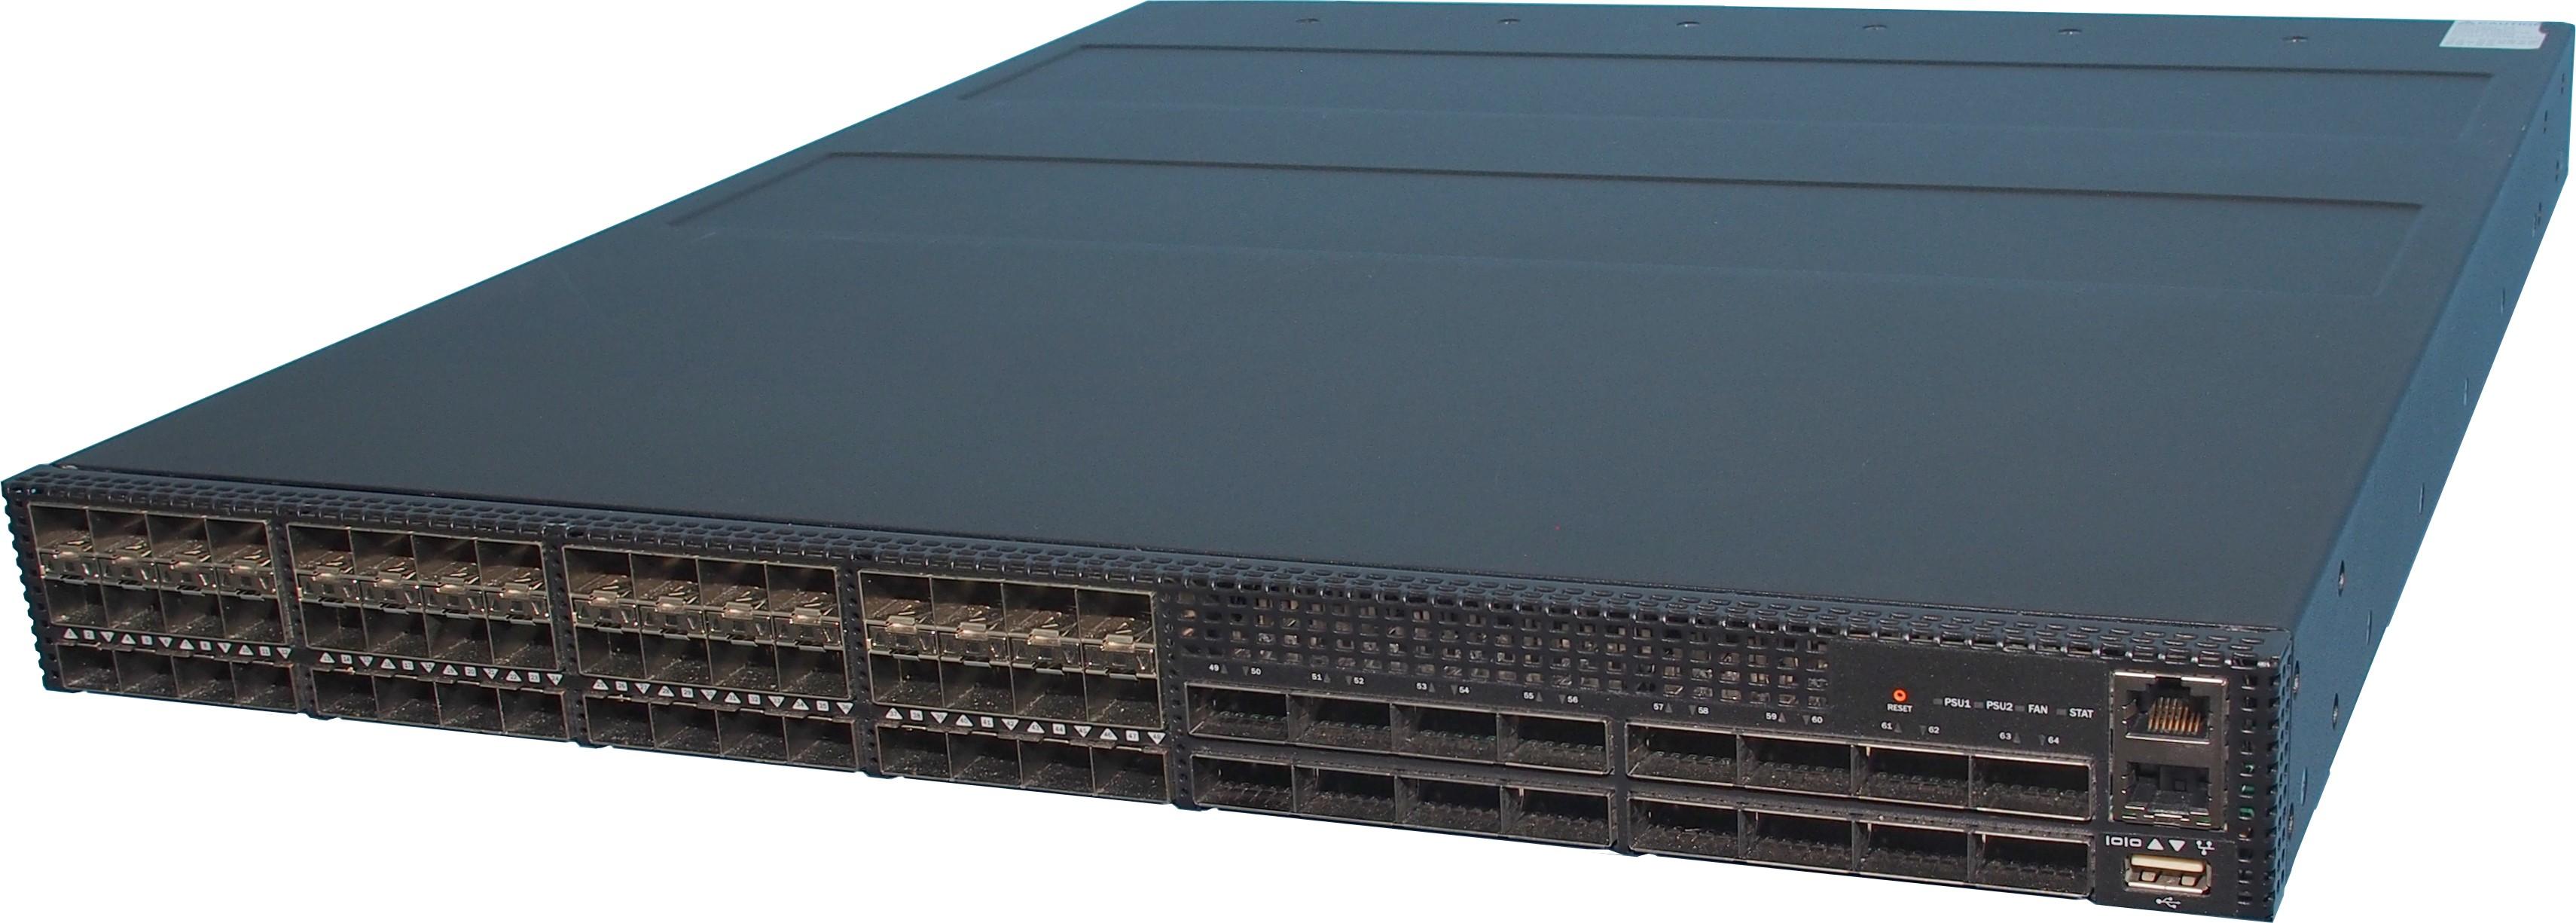 48x25G + 16x100G Netberg Aurora 630 BMS with ONIE